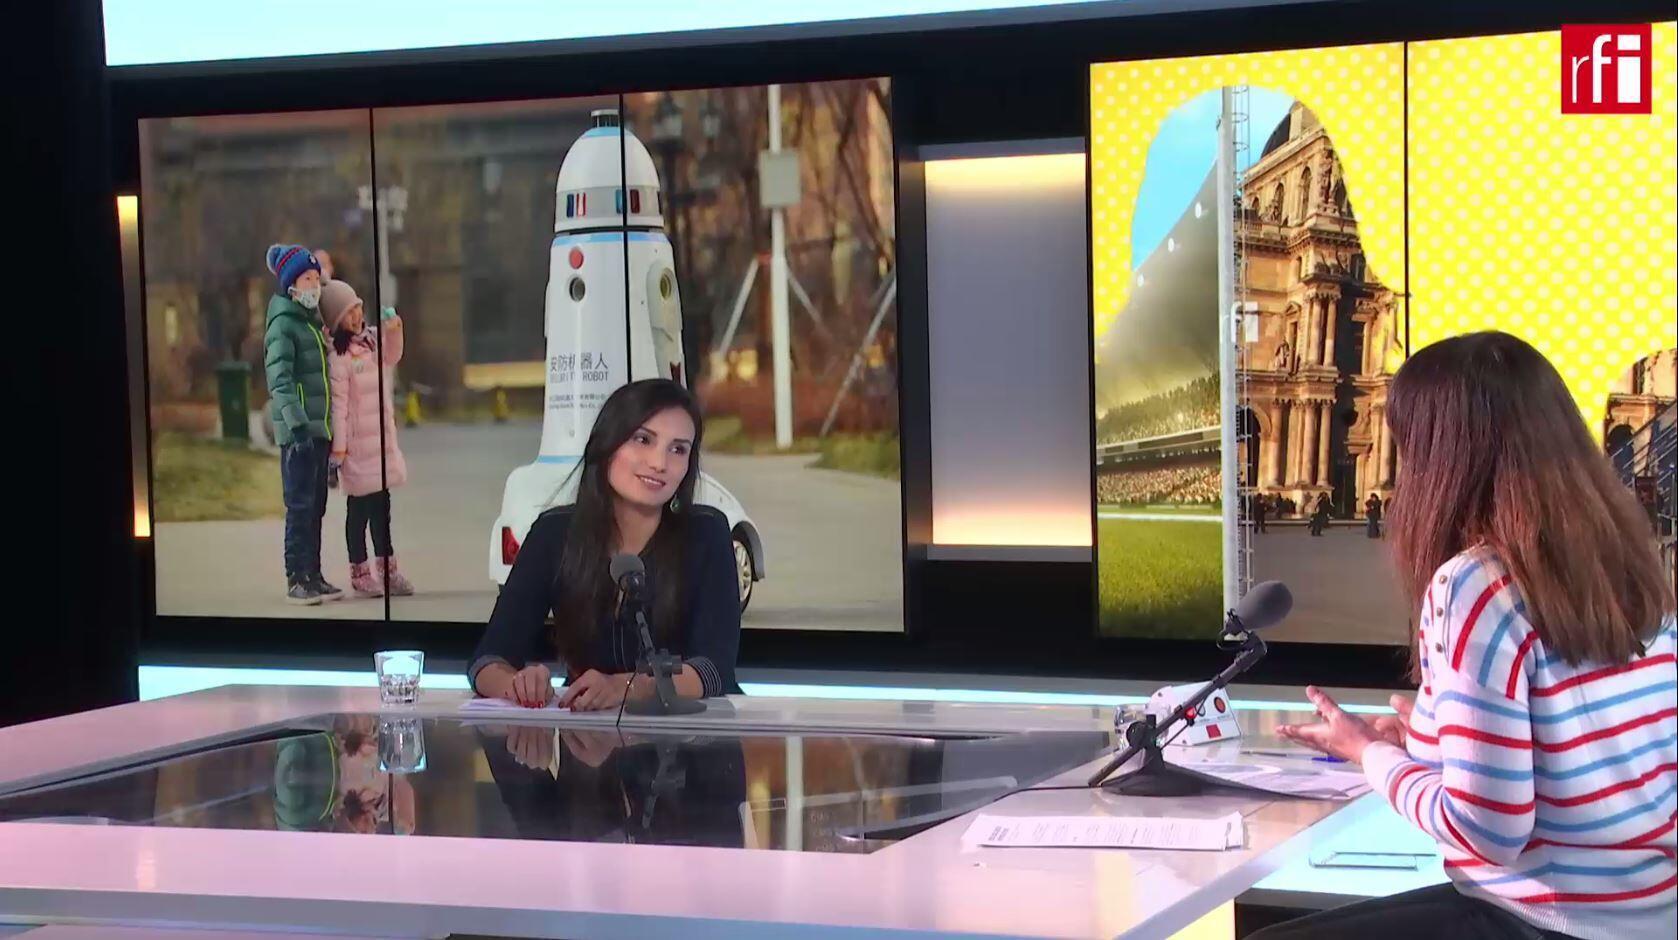 Angela Cubillos, abogada especializada en nuevas tecnologías, en Escala en París